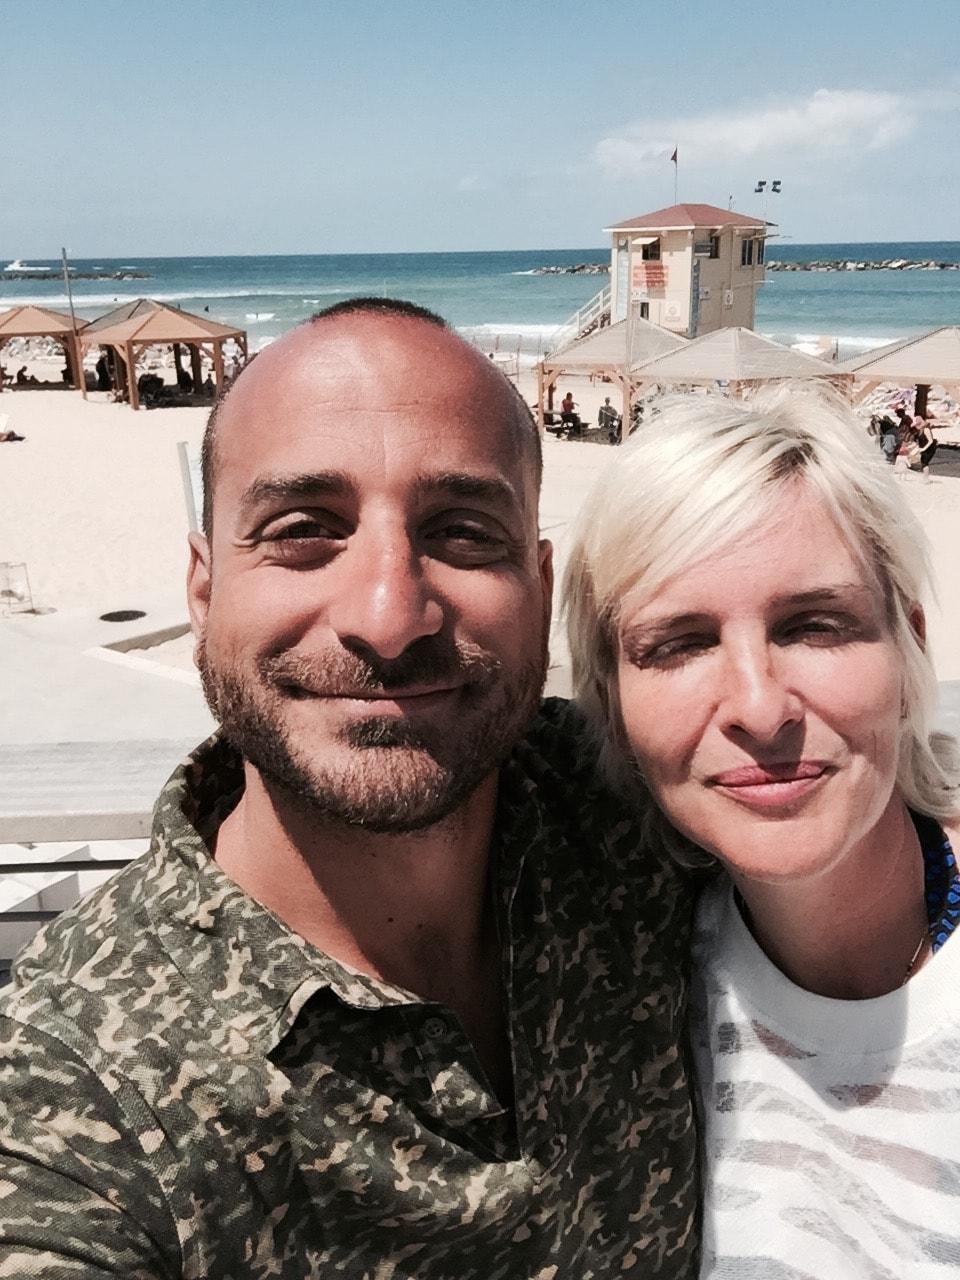 Michael,Jessica Et Laurent from Paris